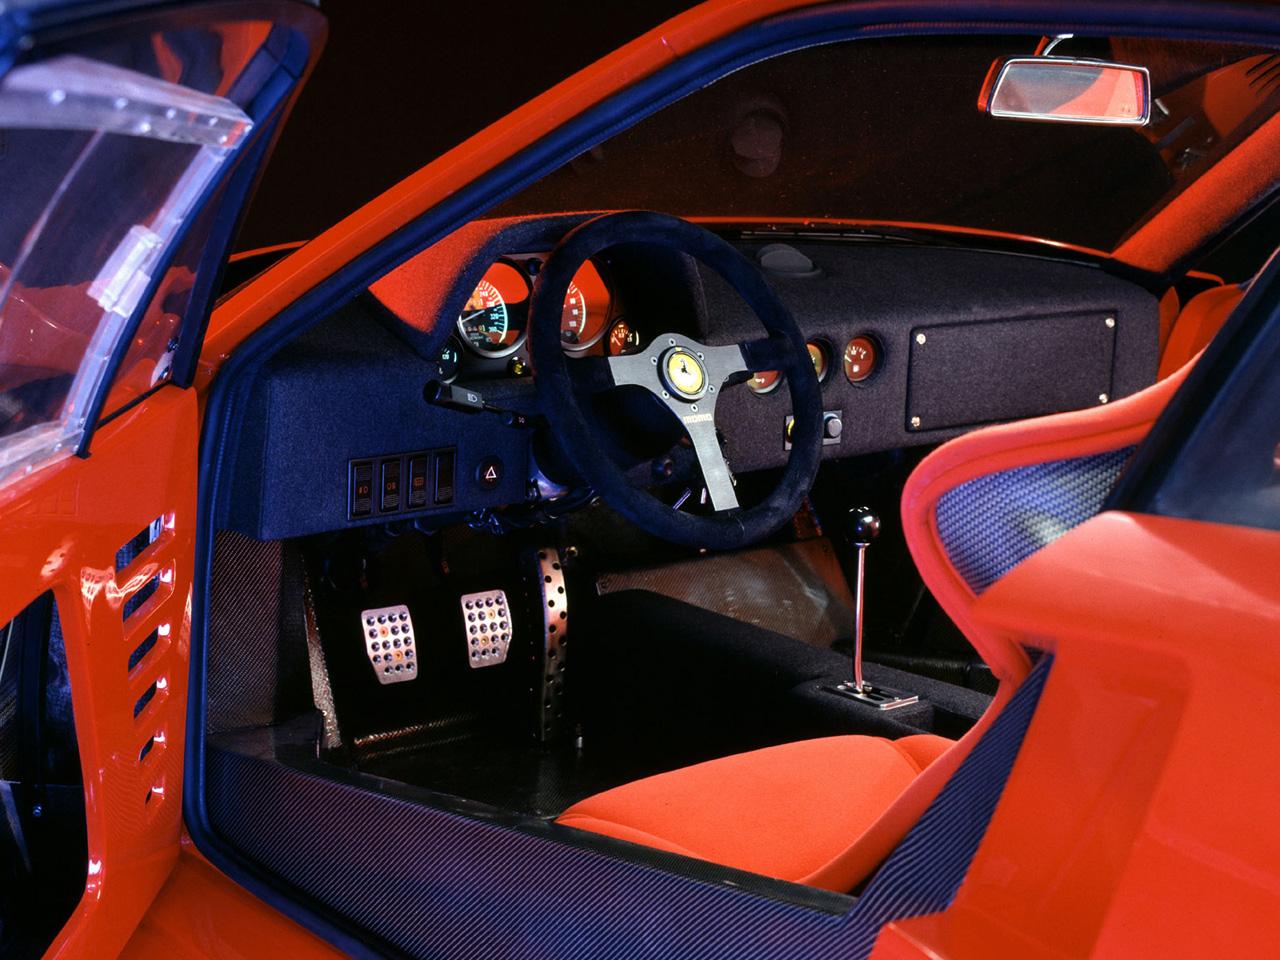 Ferrari F40 Prototipo - 1987 - interior / intérieur